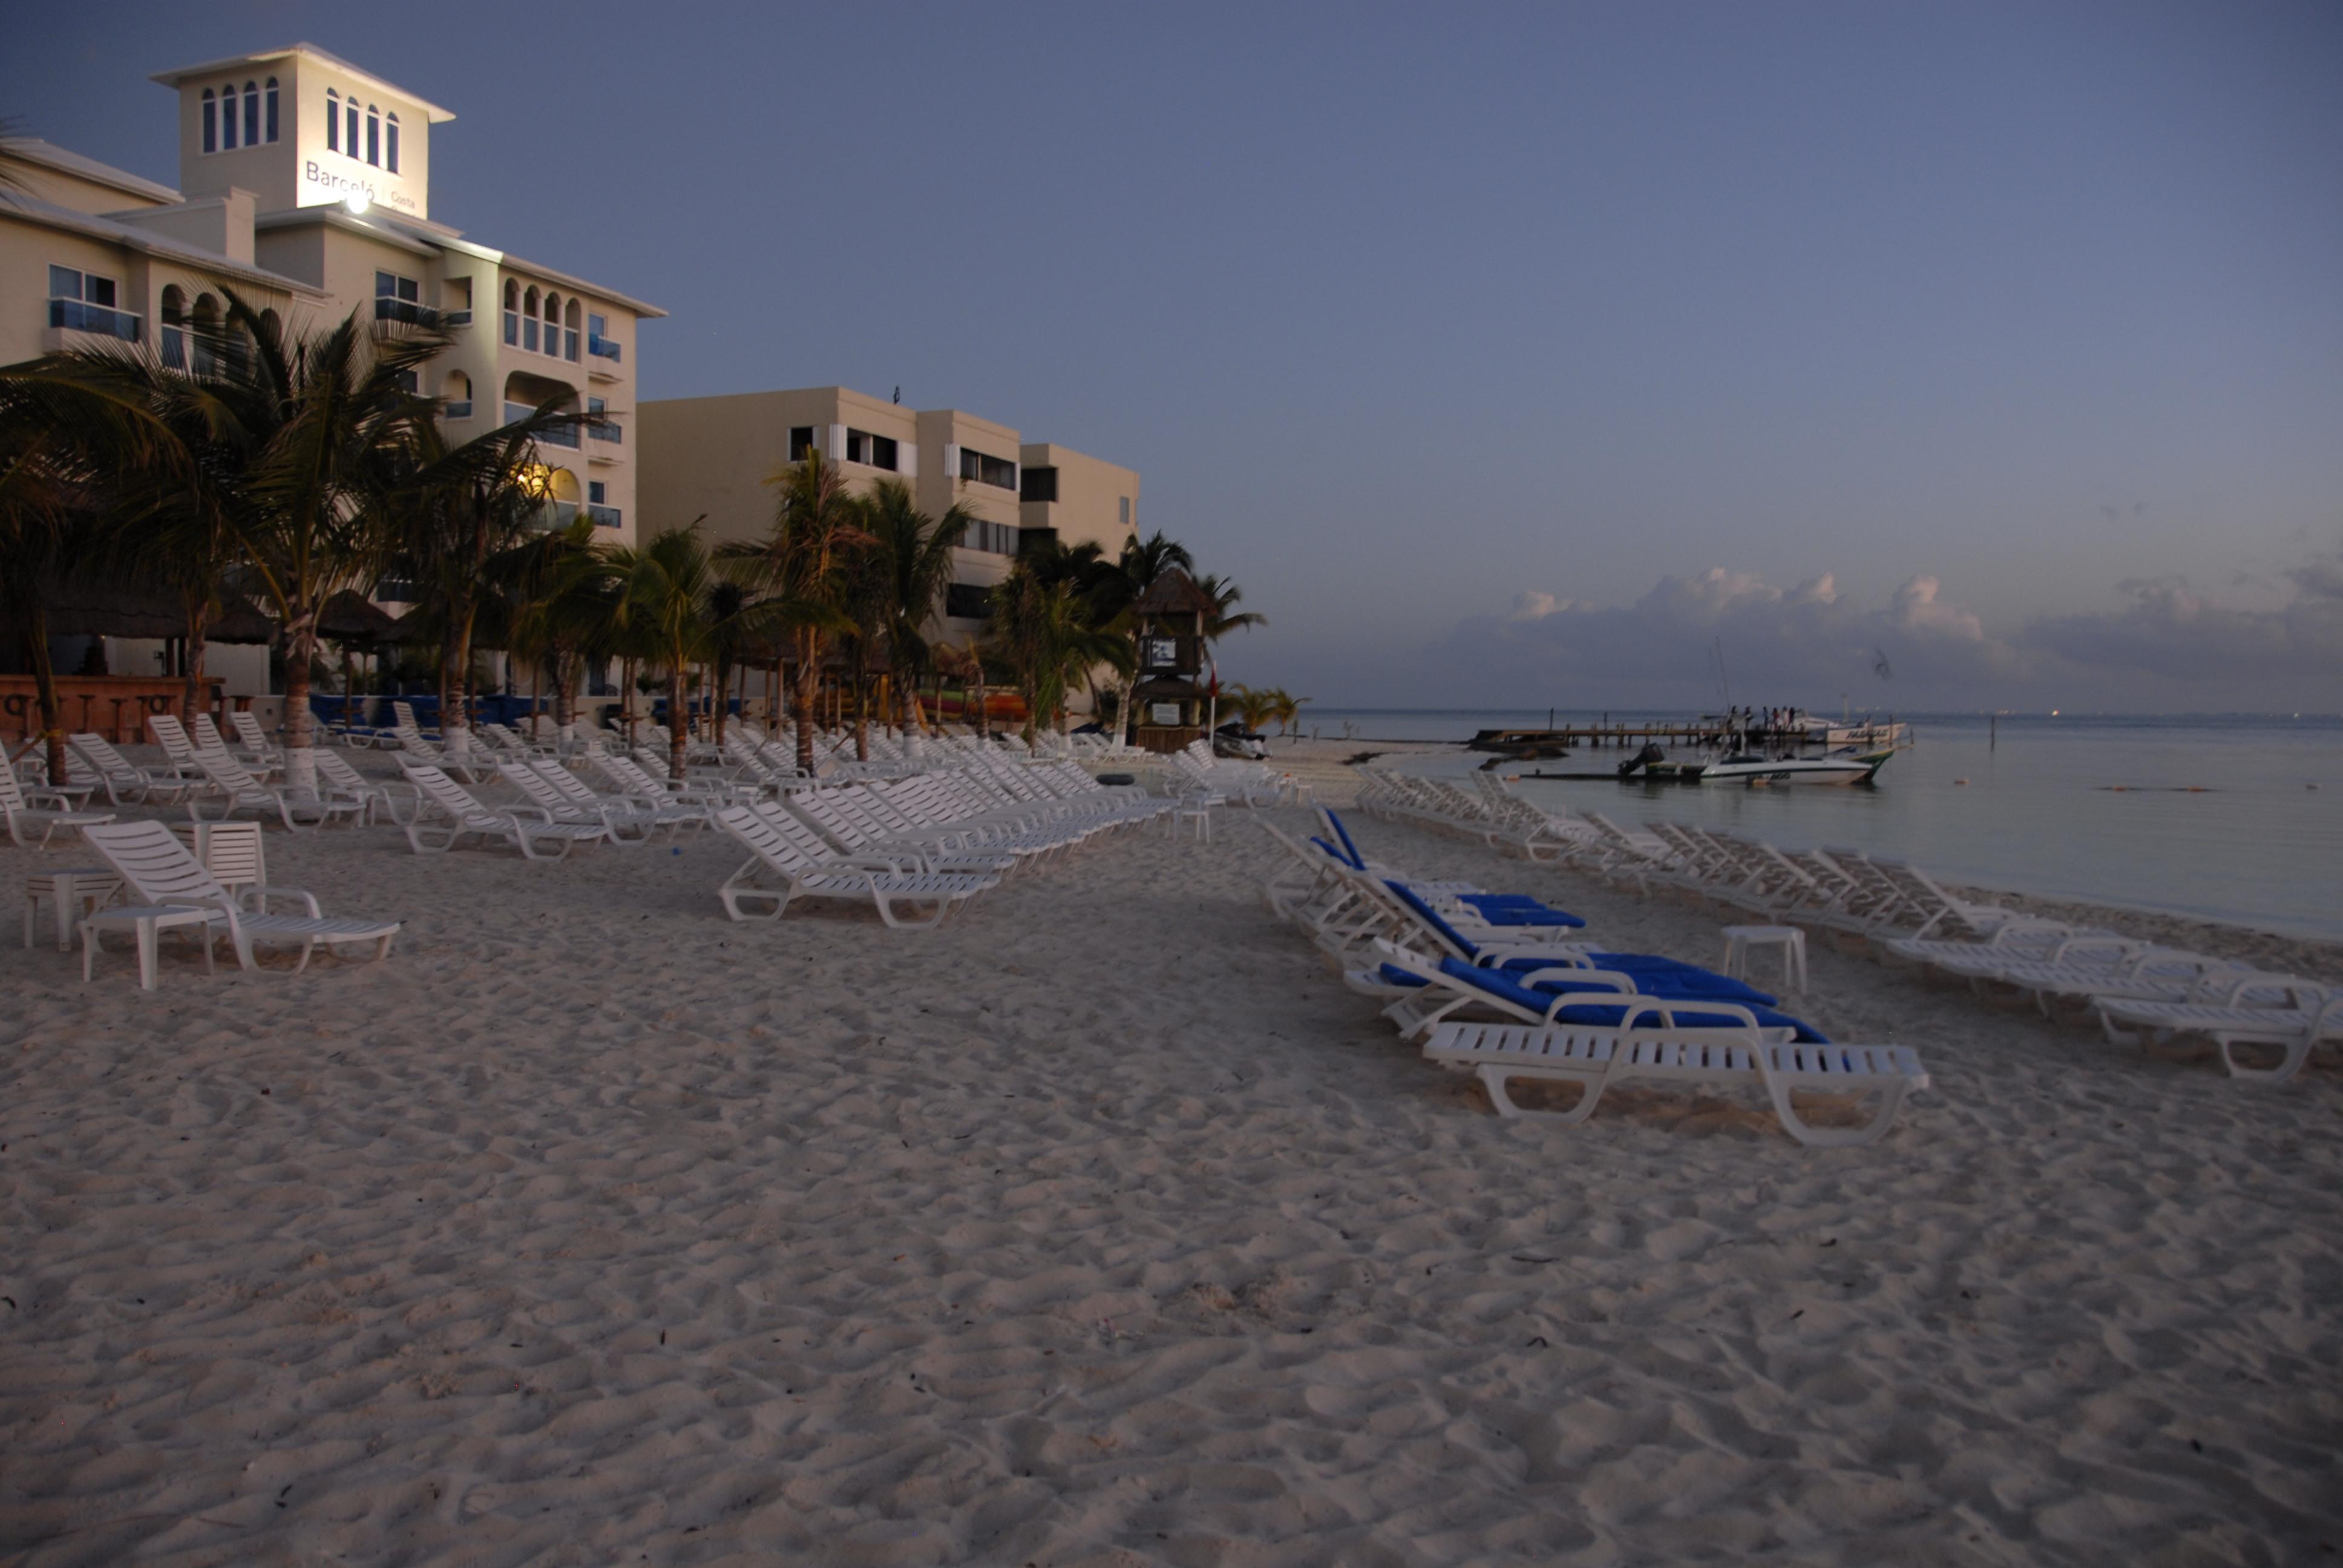 190-2008 Jan-Cancun, Mexico.JPG